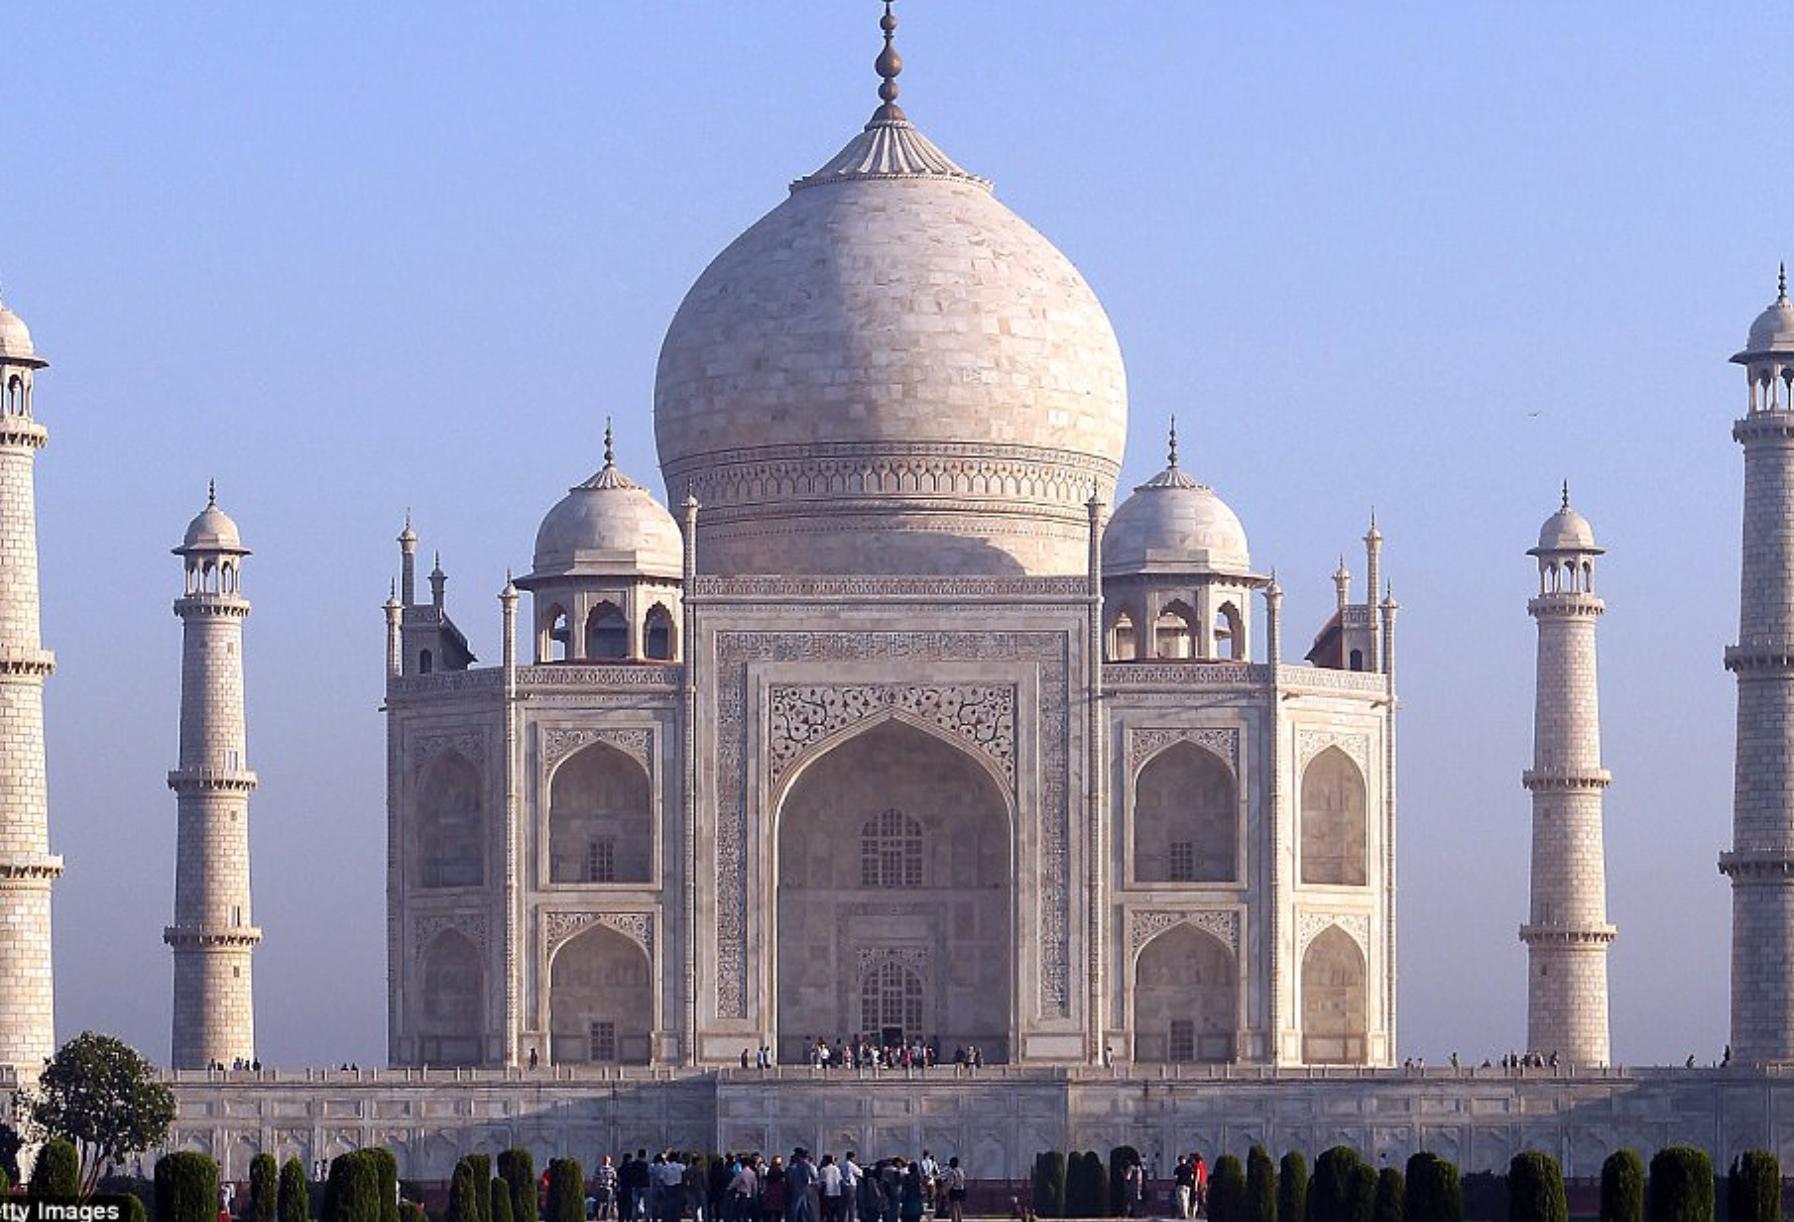 Lăng Taj Mahal biểu tượng của Ấn Độ đã chuyển thành màu vàng vì một lý do cực kỳ đáng ngại - ảnh 1